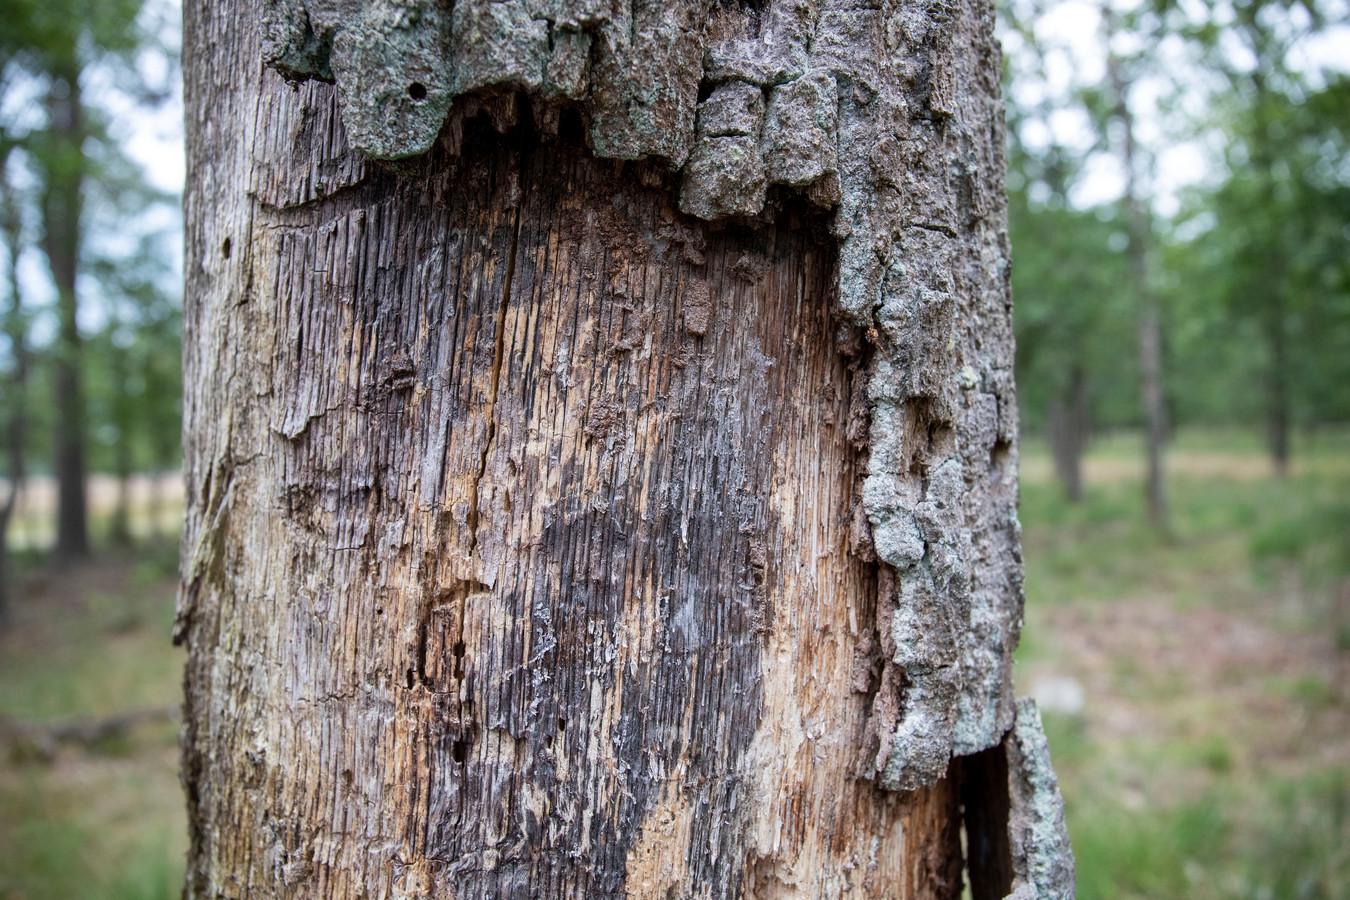 Oude eikenbomen sterven op de Veluwe af door te veel uitstoot van stikstof.